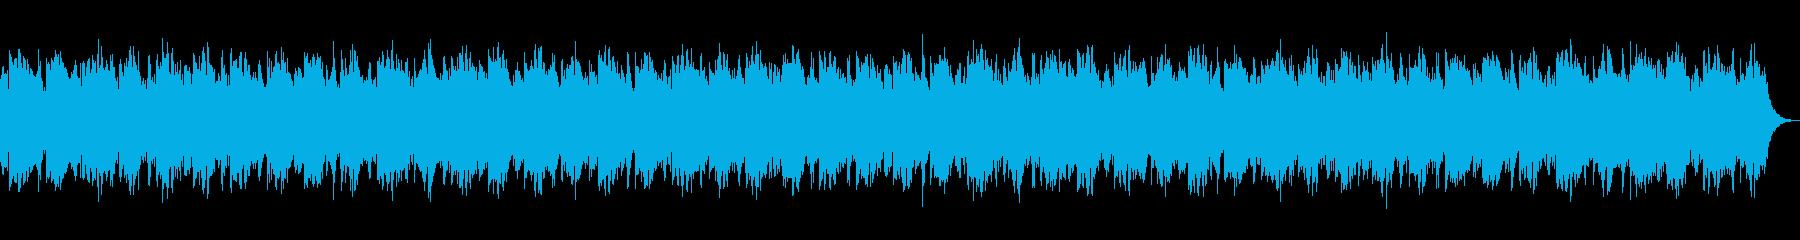 シネマティックホラーの再生済みの波形